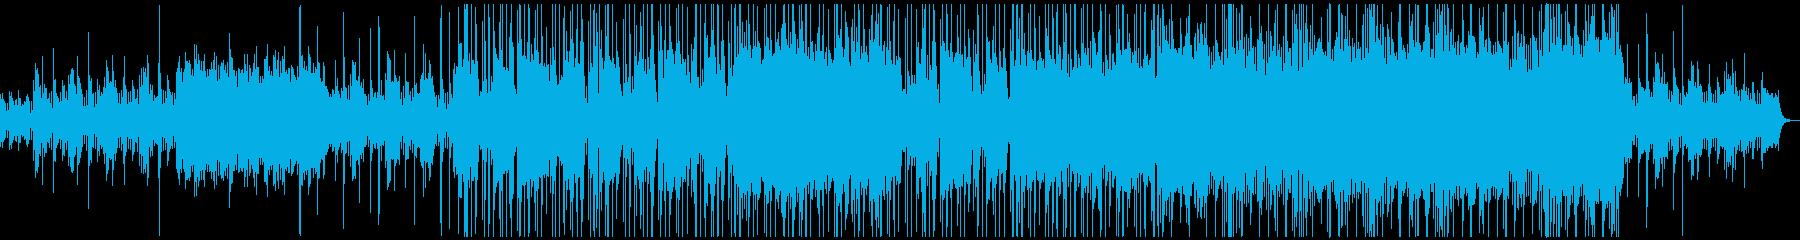 ジブリ風の不思議でわくわくな雰囲気の楽曲の再生済みの波形